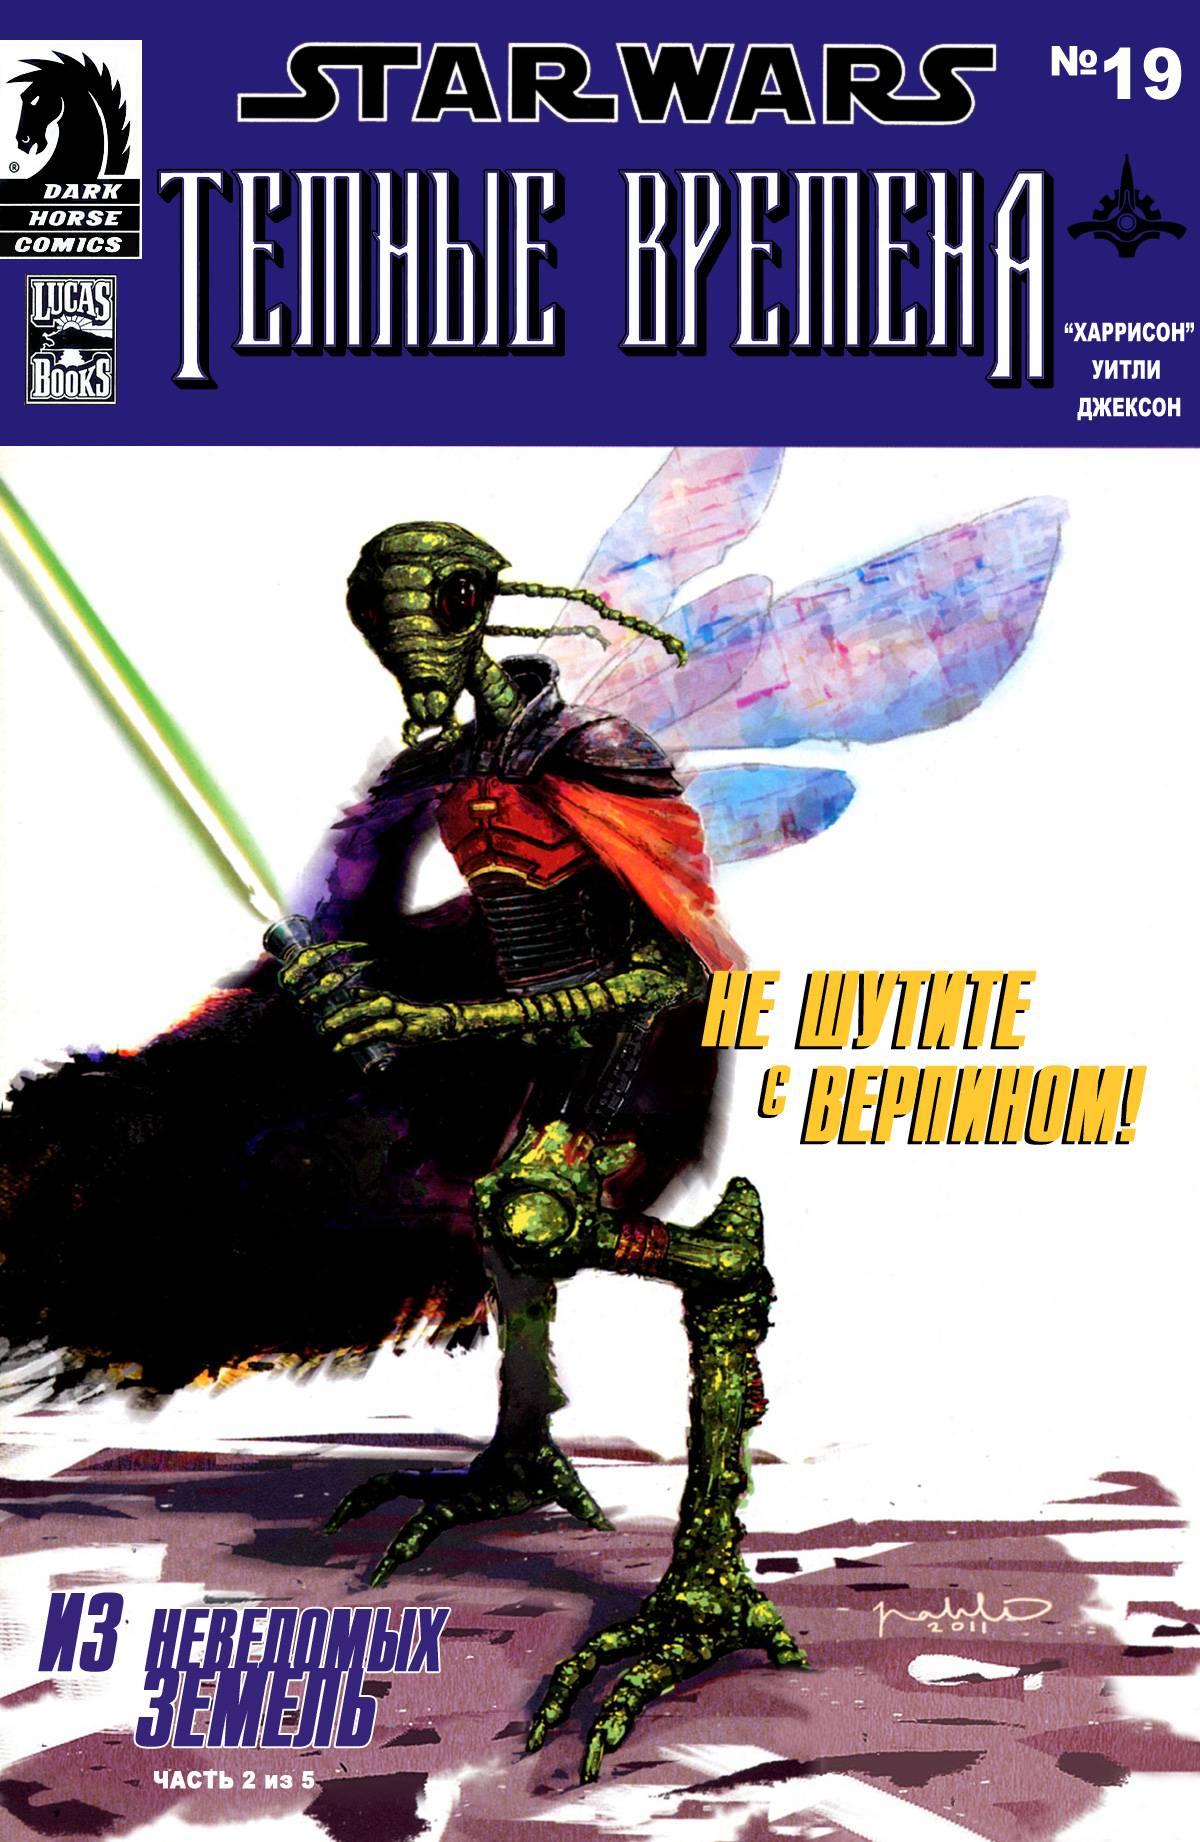 Звёздные войны: Темные Времена - Из Неведомых Земель №2 онлайн